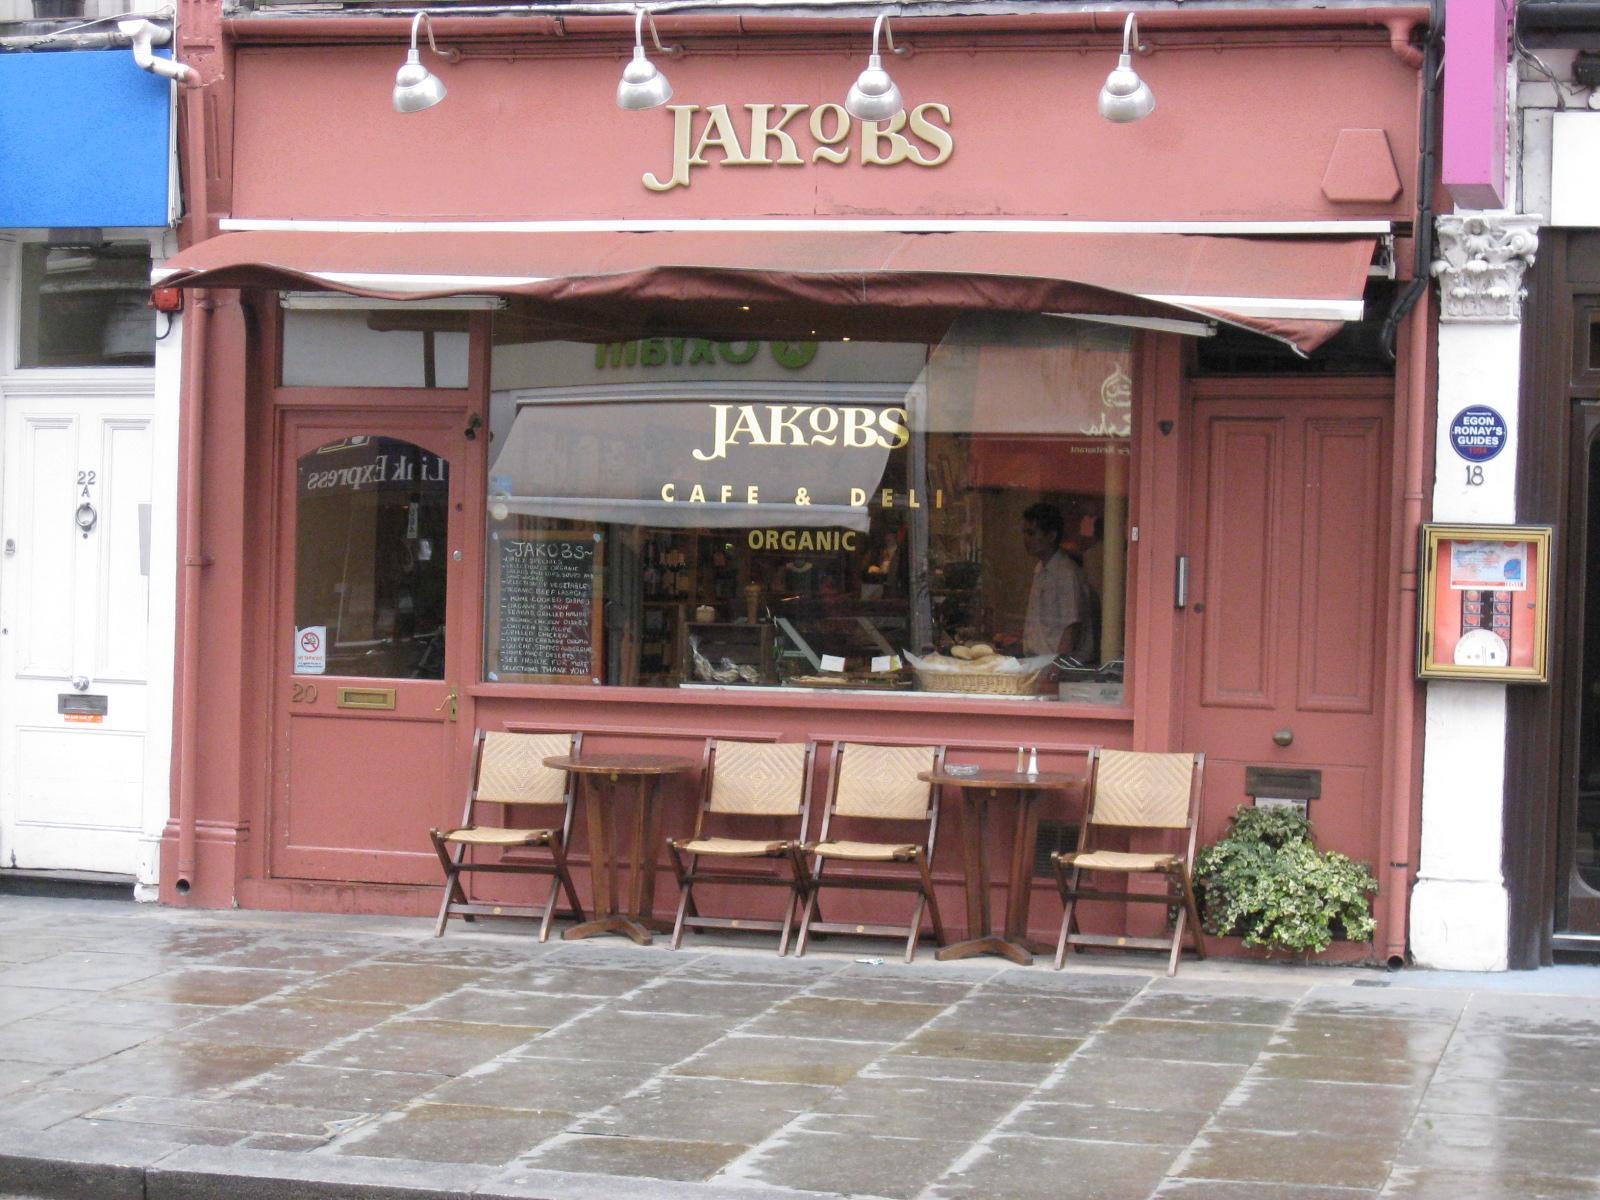 Jakobs London